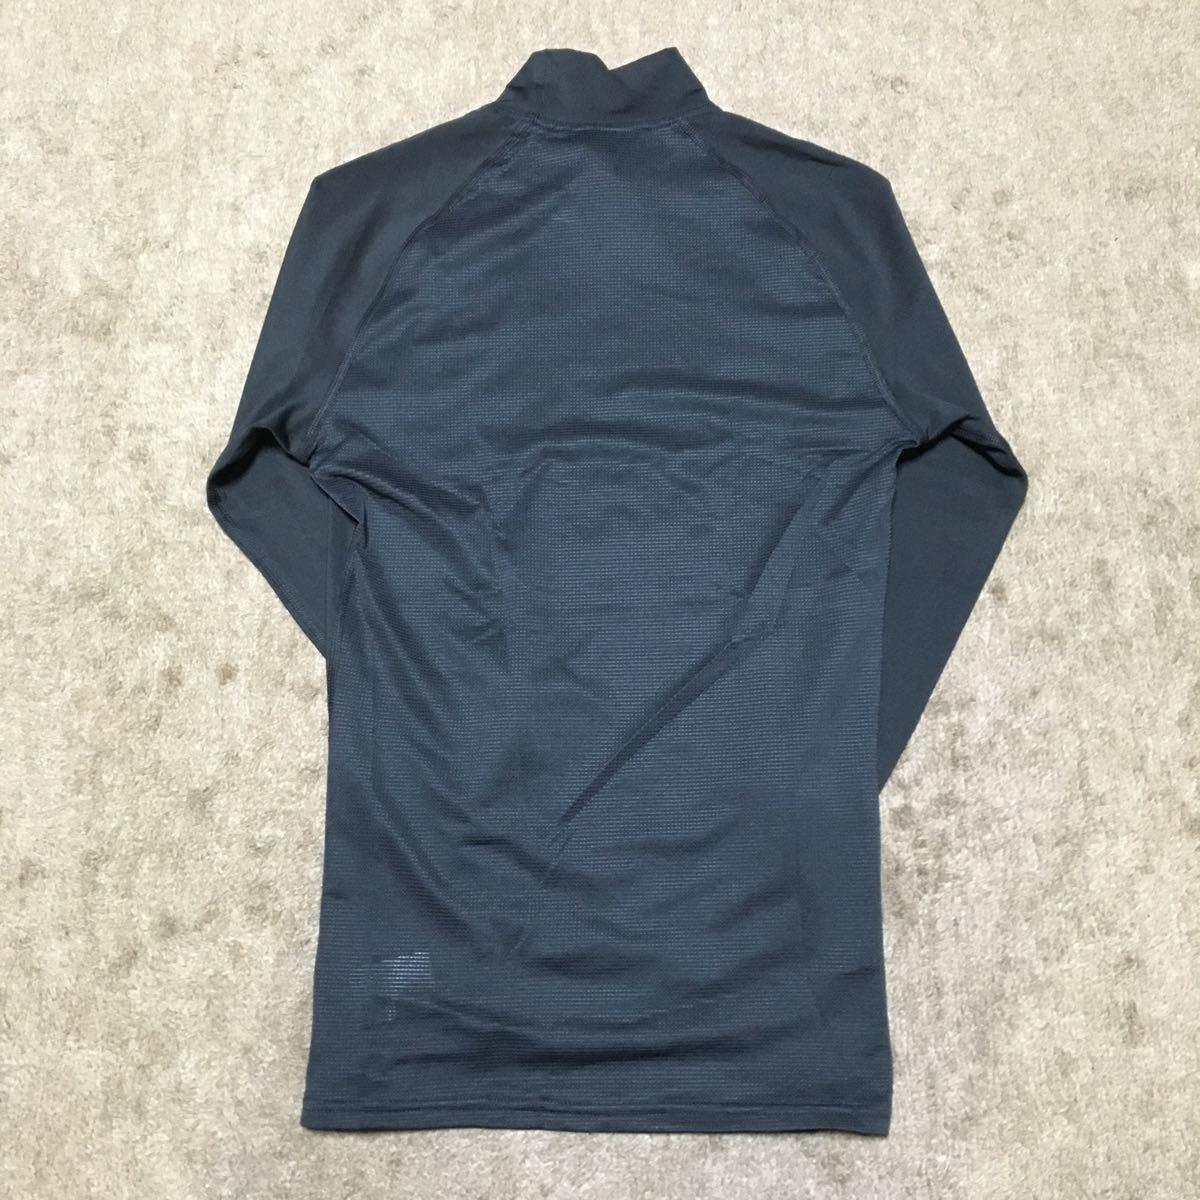 【新品】アンダーアーマーヒートギアシャツ ブラック MD